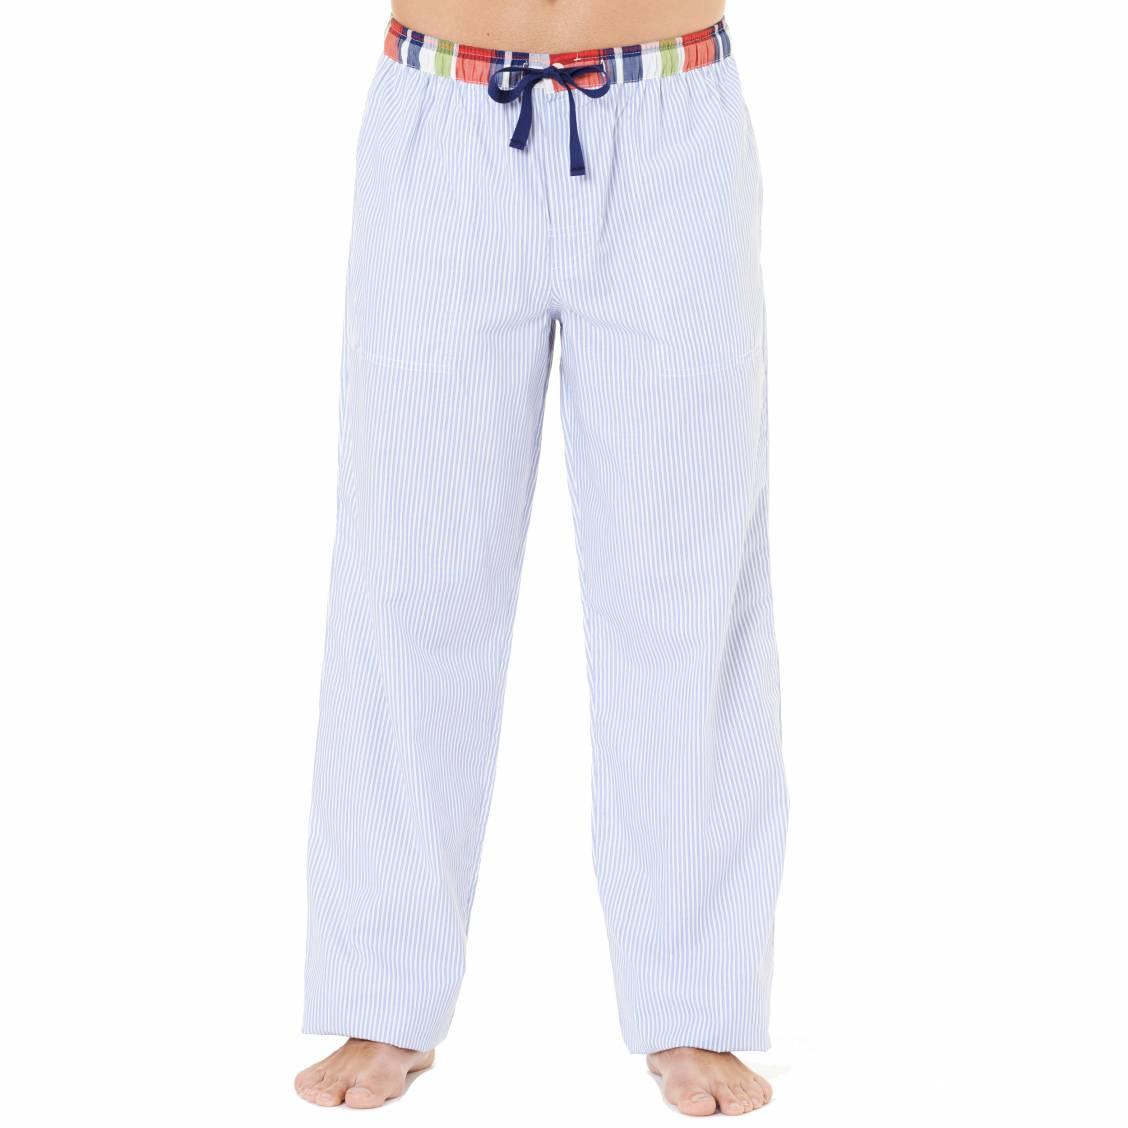 pantalon d 39 int rieur arthur 100 coton fines rayures blanches et bleu ciel ceinture. Black Bedroom Furniture Sets. Home Design Ideas